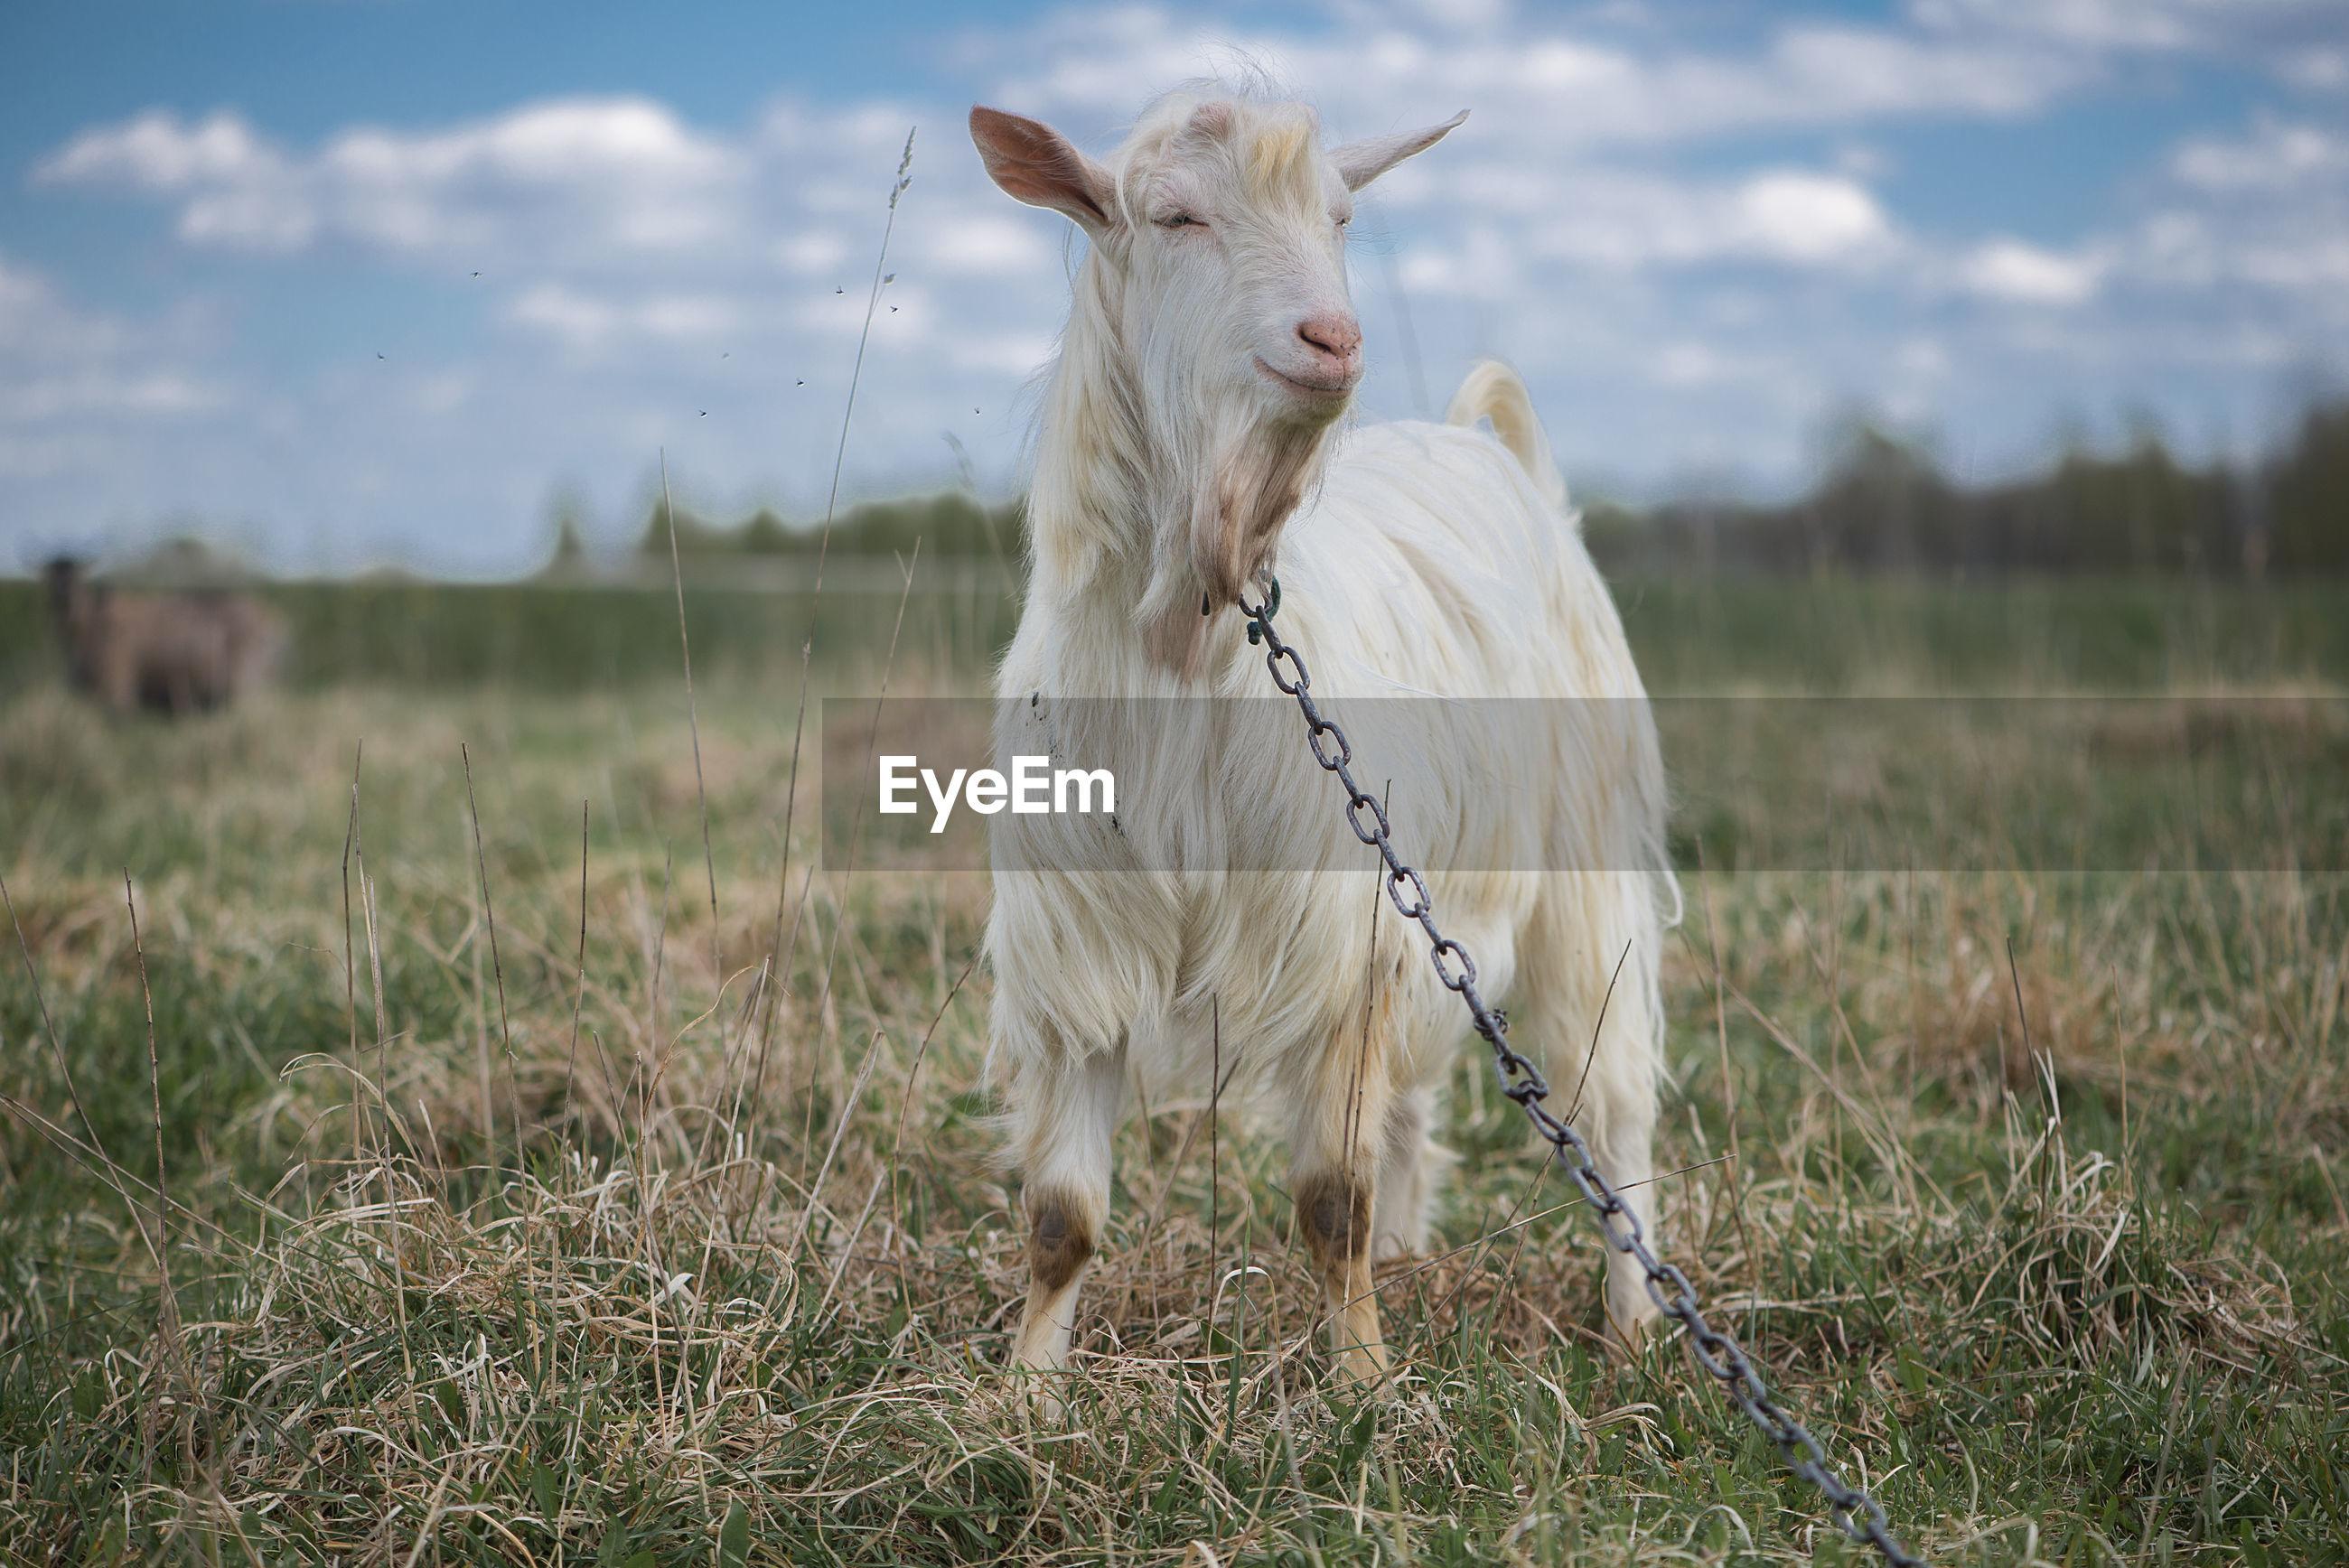 White goat standing on field against sky